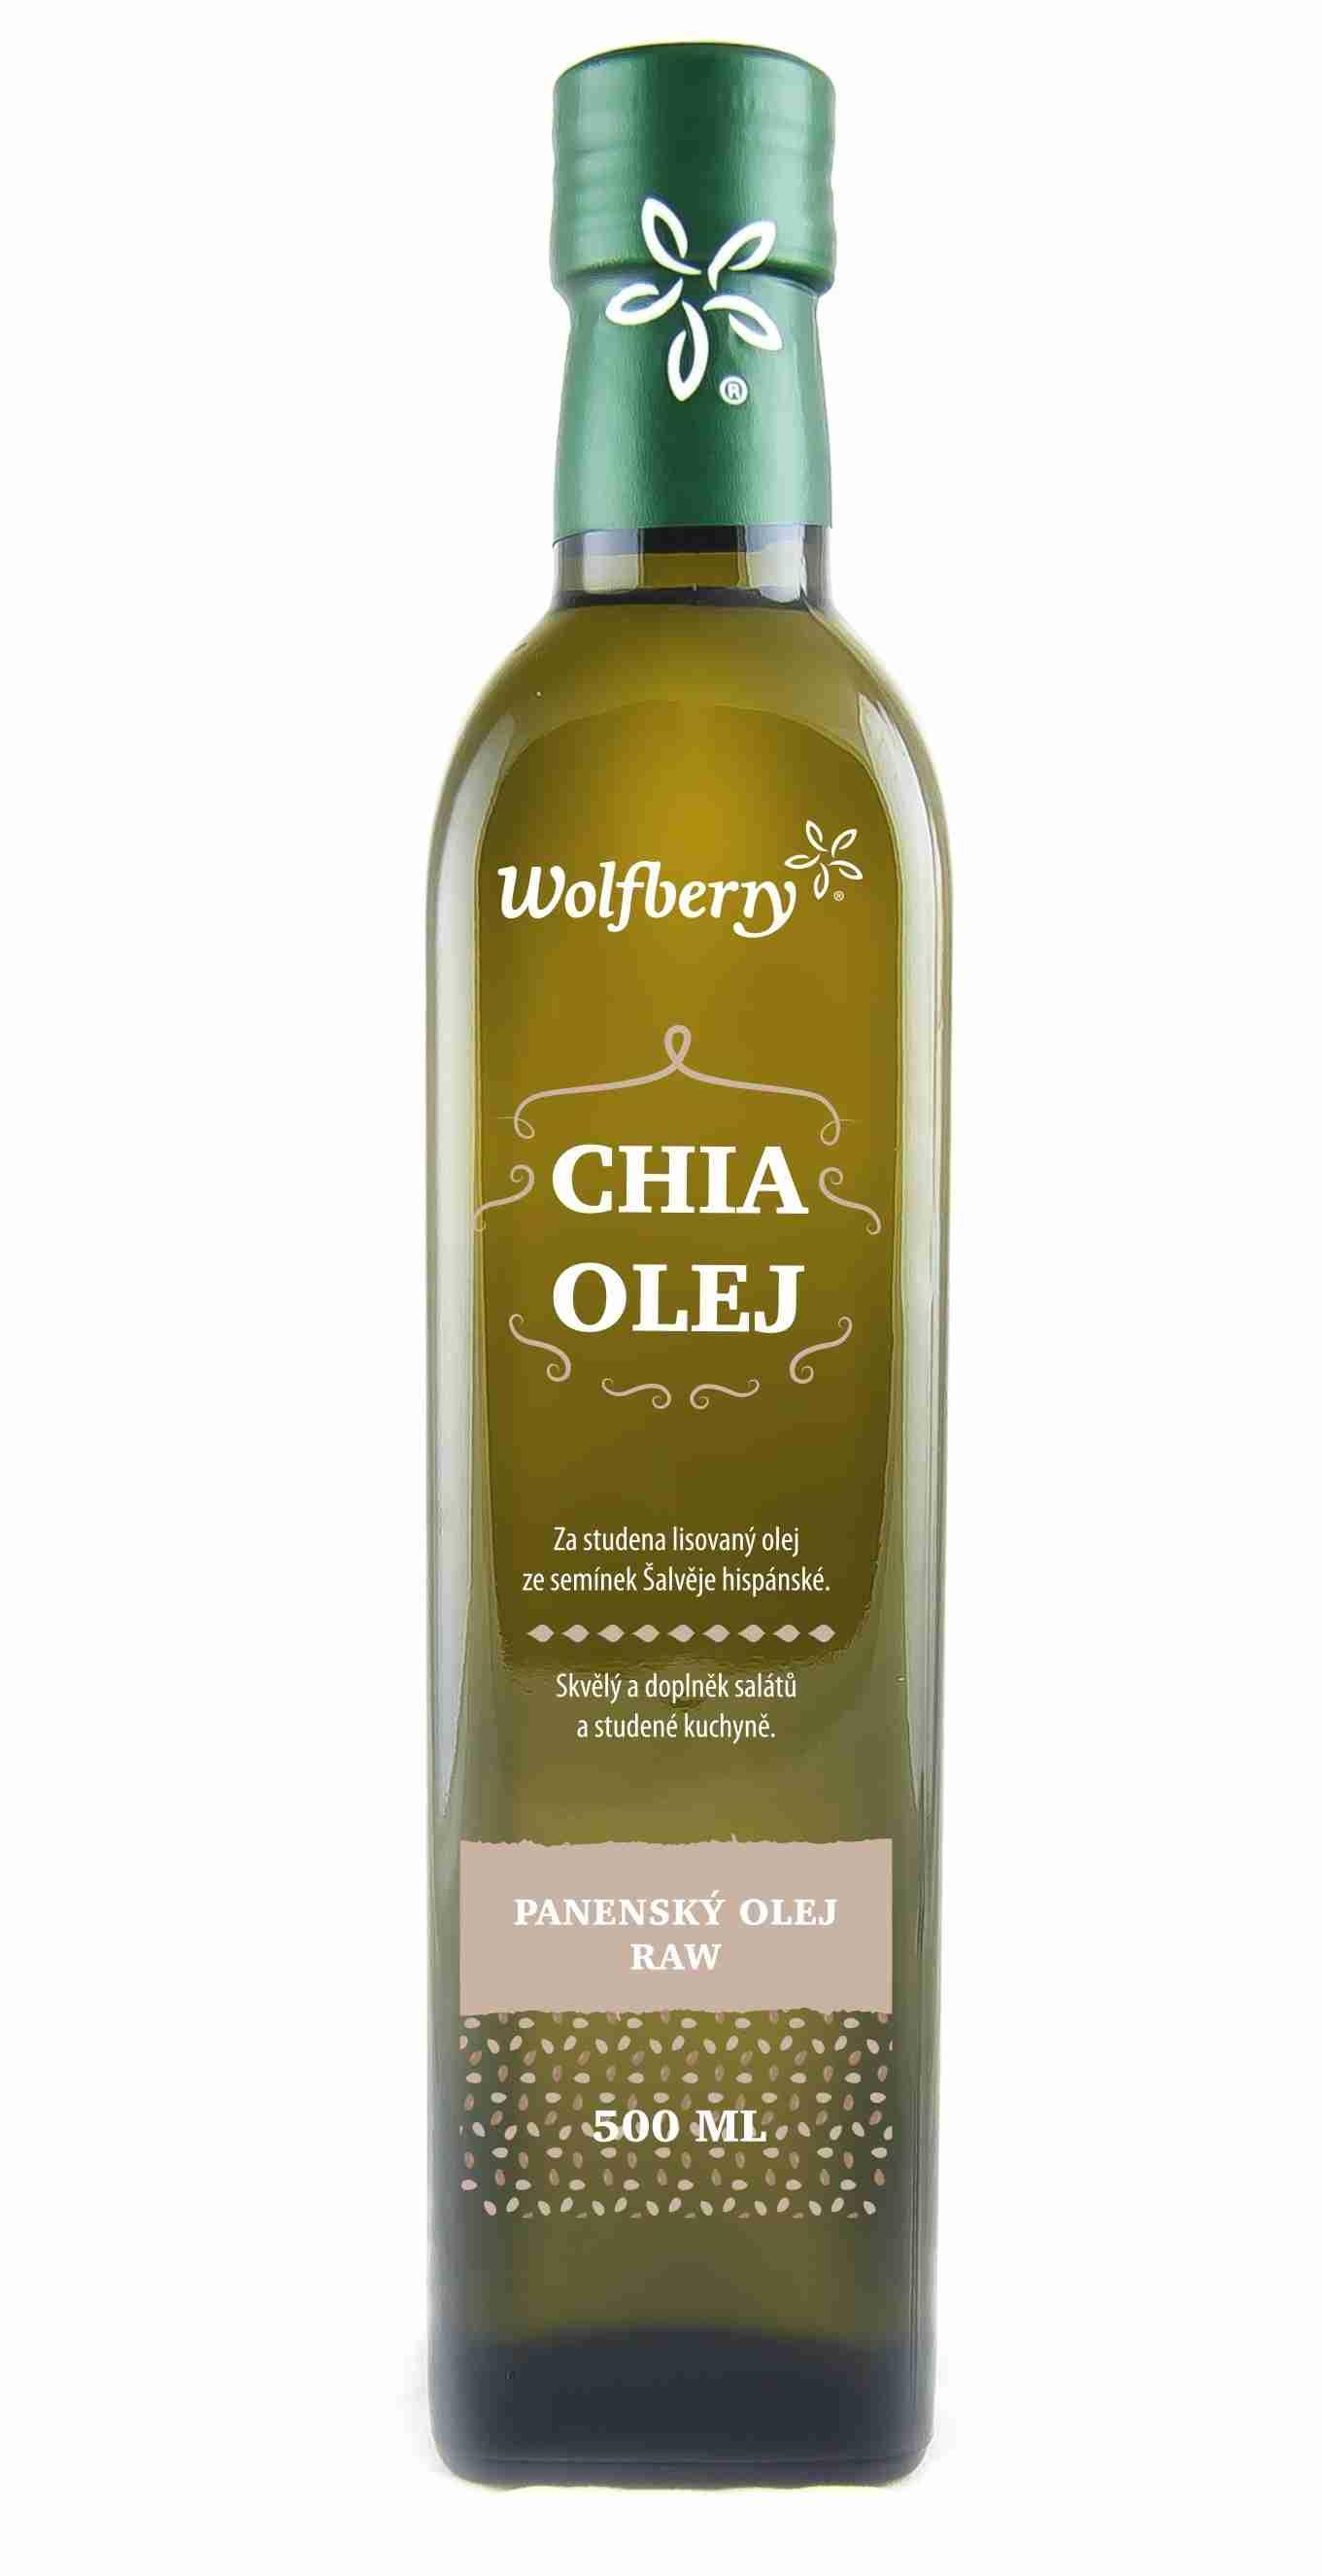 Wolfberry Chia olej za studena lisovaný 500 ml